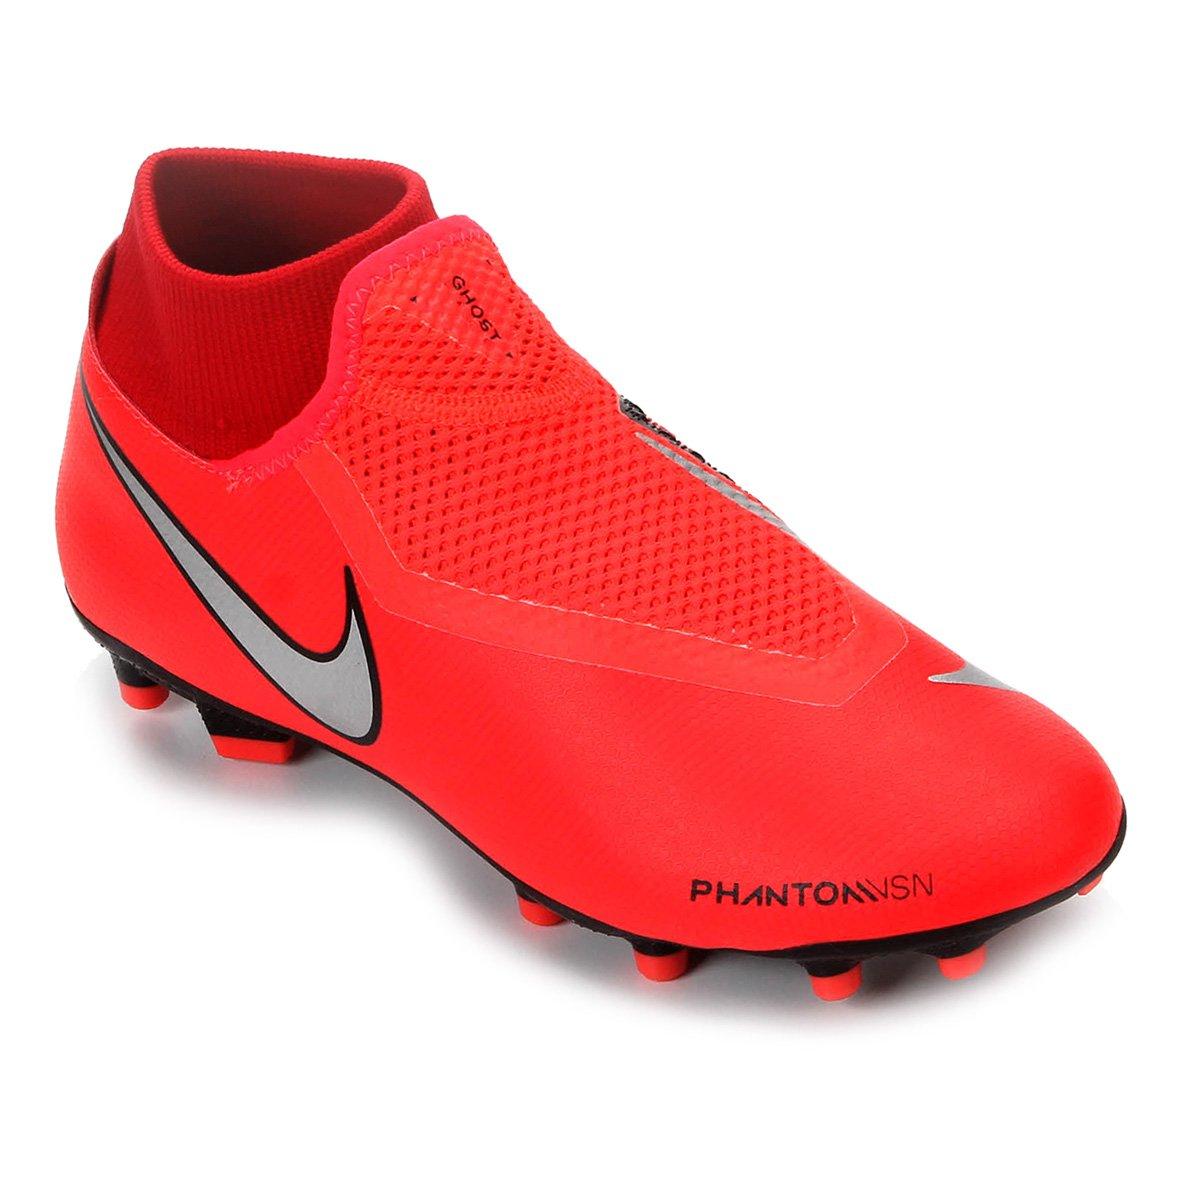 9b3558dea0 Chuteira Campo Nike Phantom Vision Academy DF FG - Vermelho e Prata ...